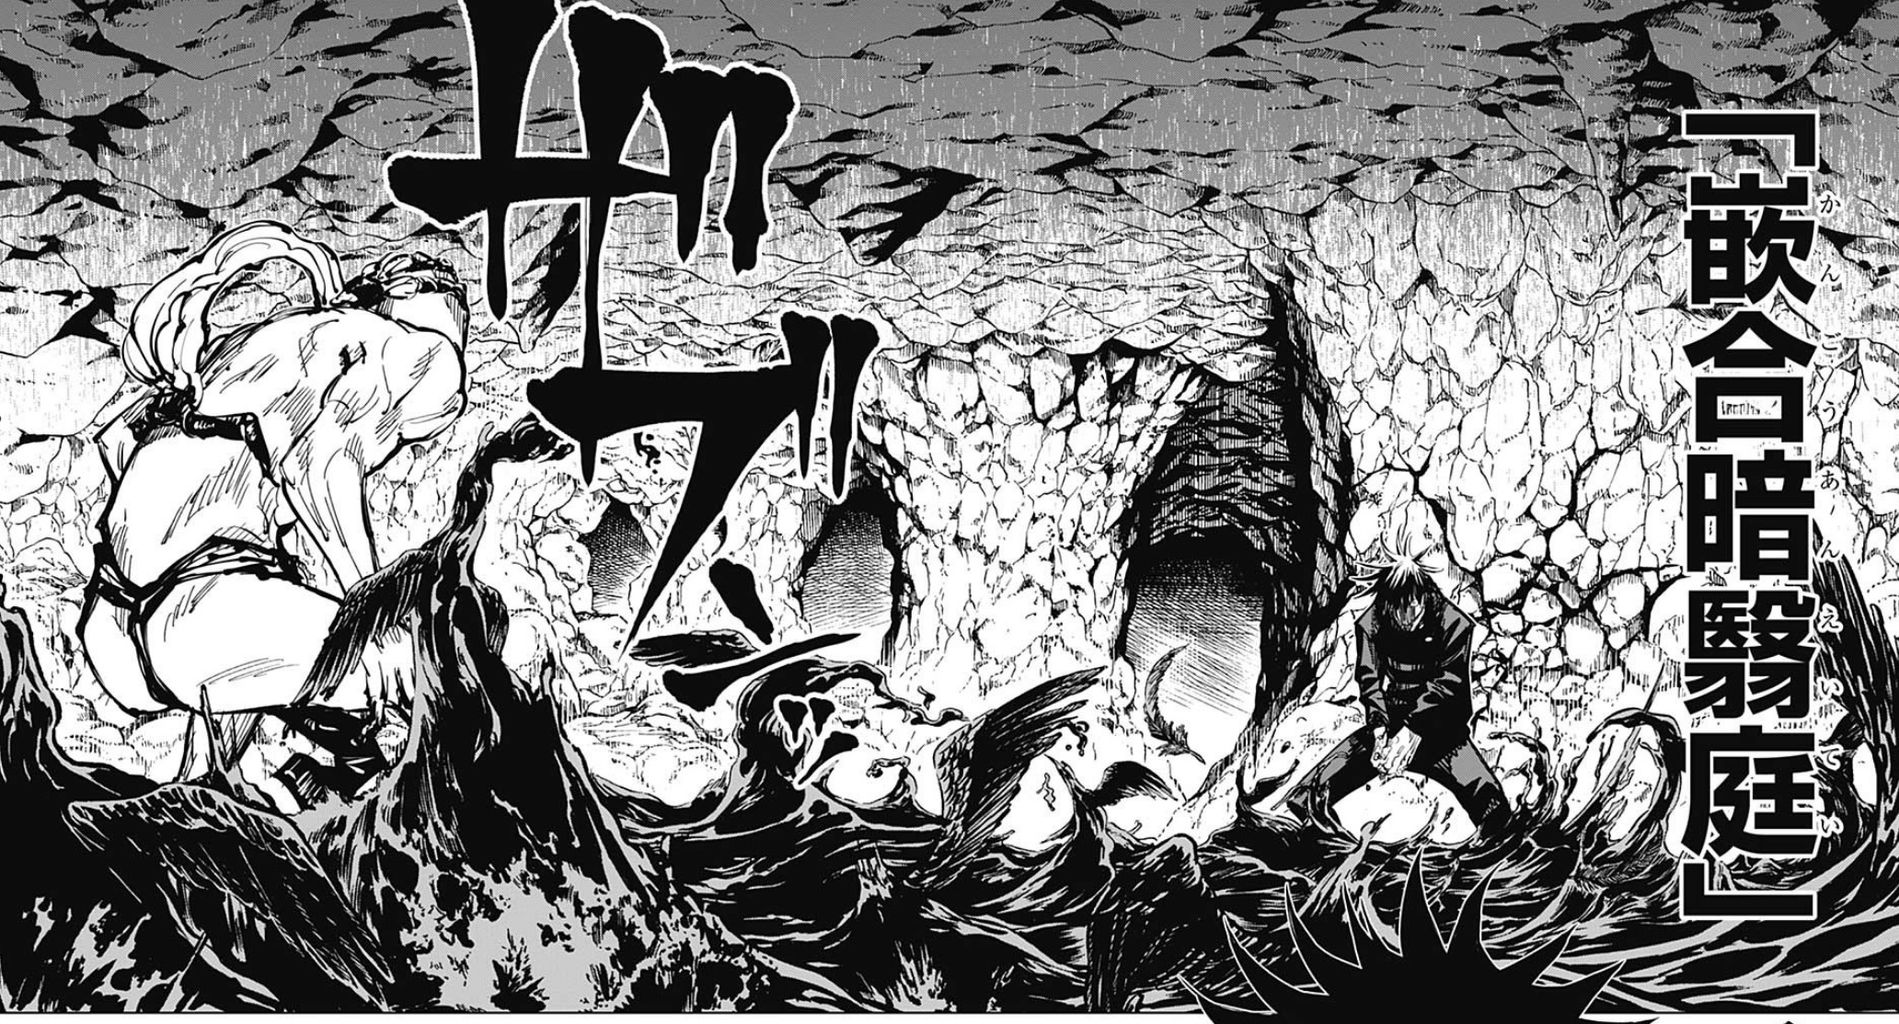 【呪術廻戦】伏黒恵の領域展開は最強?声優や式神についても紹介